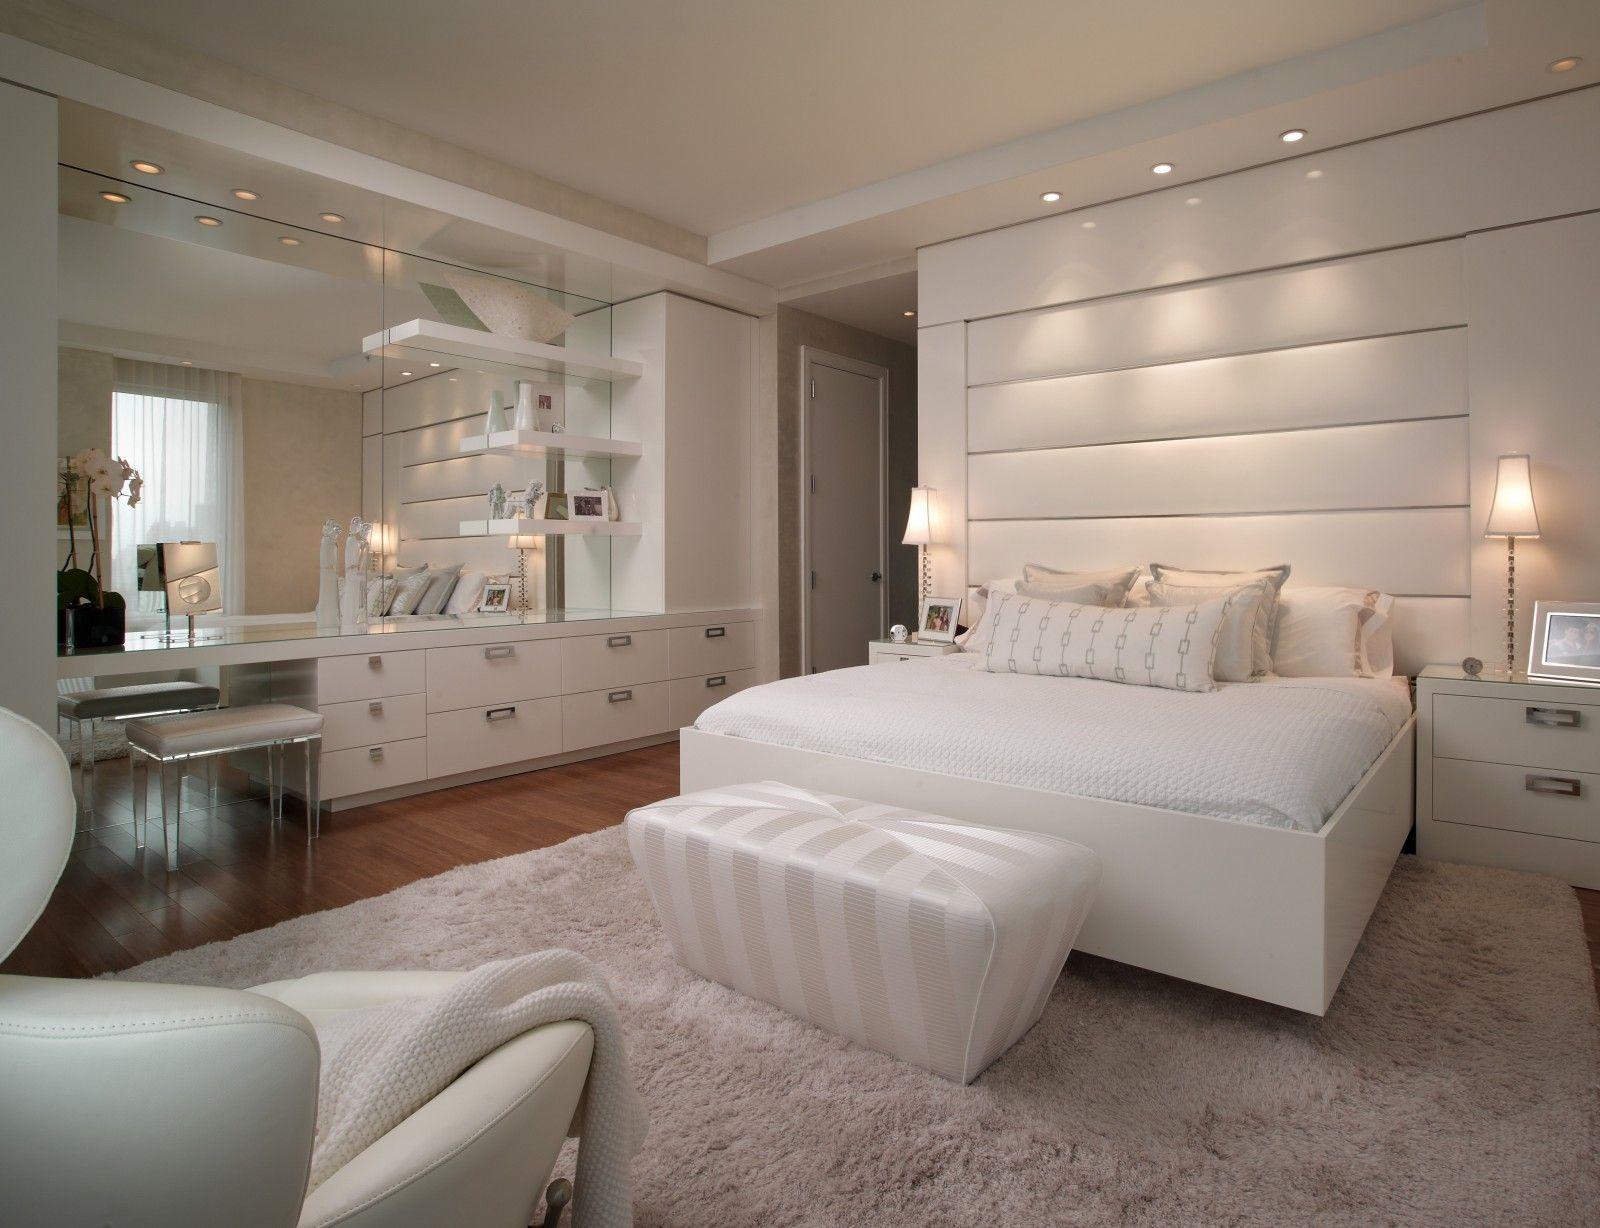 roomreveal  new york  manhattan  duneier residence  modern by  - modern